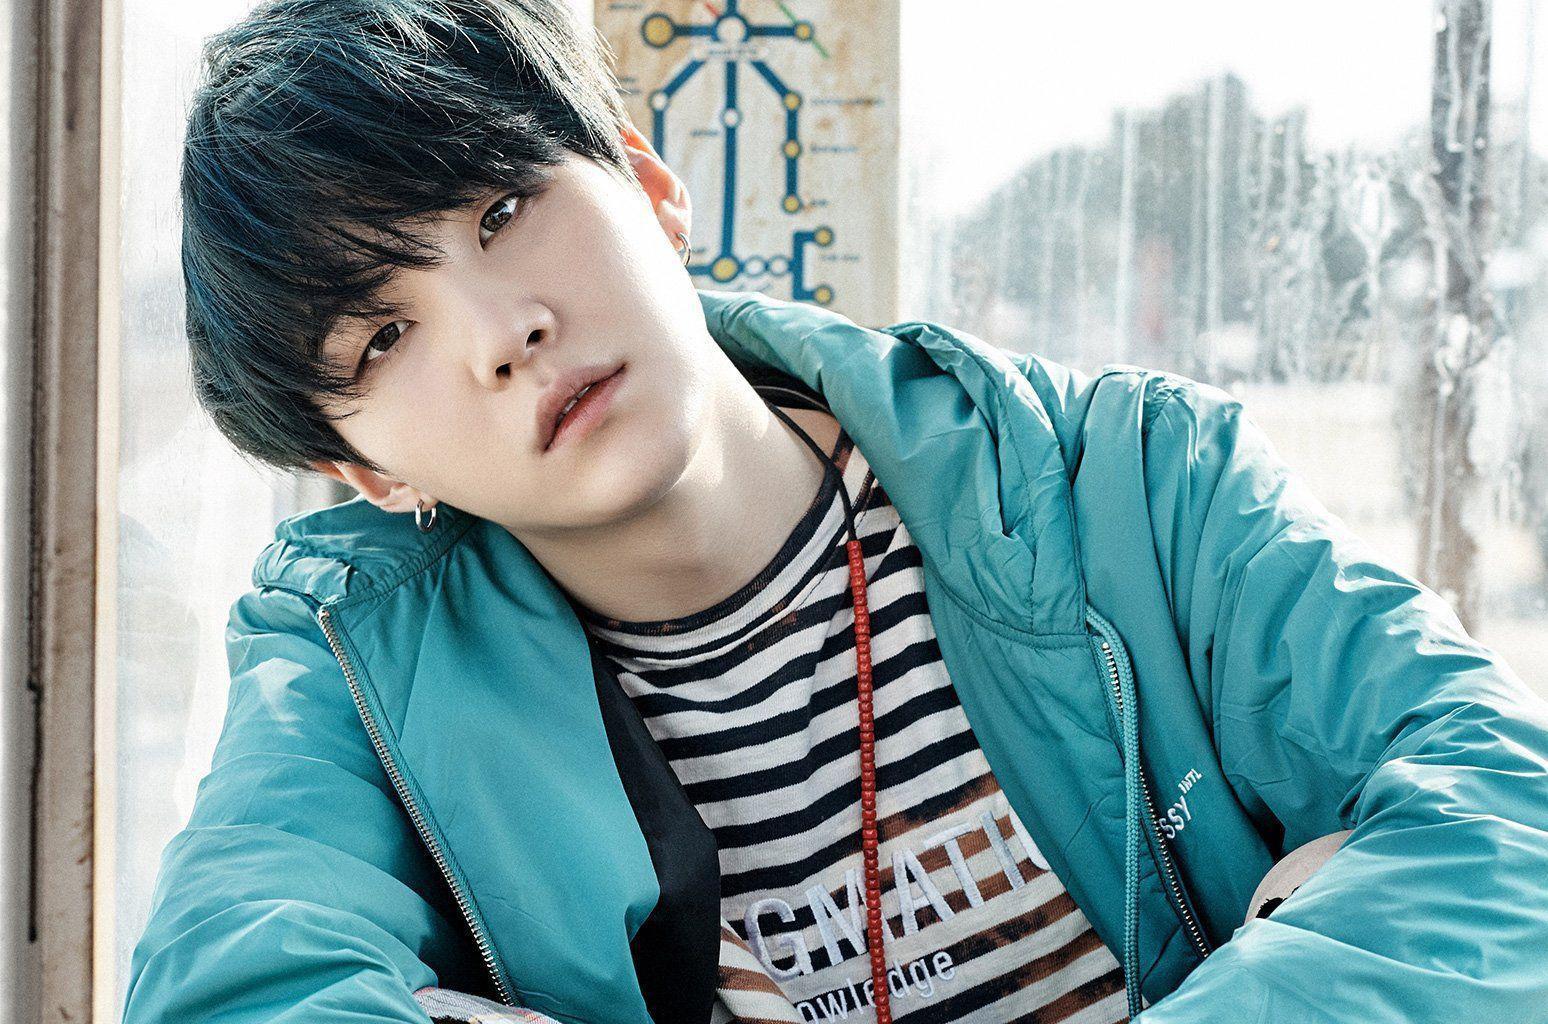 BXH idol nam hot nhất: BTS gây choáng vì thống lĩnh top 10, mỹ nam kém nổi EXO bất ngờ lọt thỏm giữa dàn đối thủ - Ảnh 9.